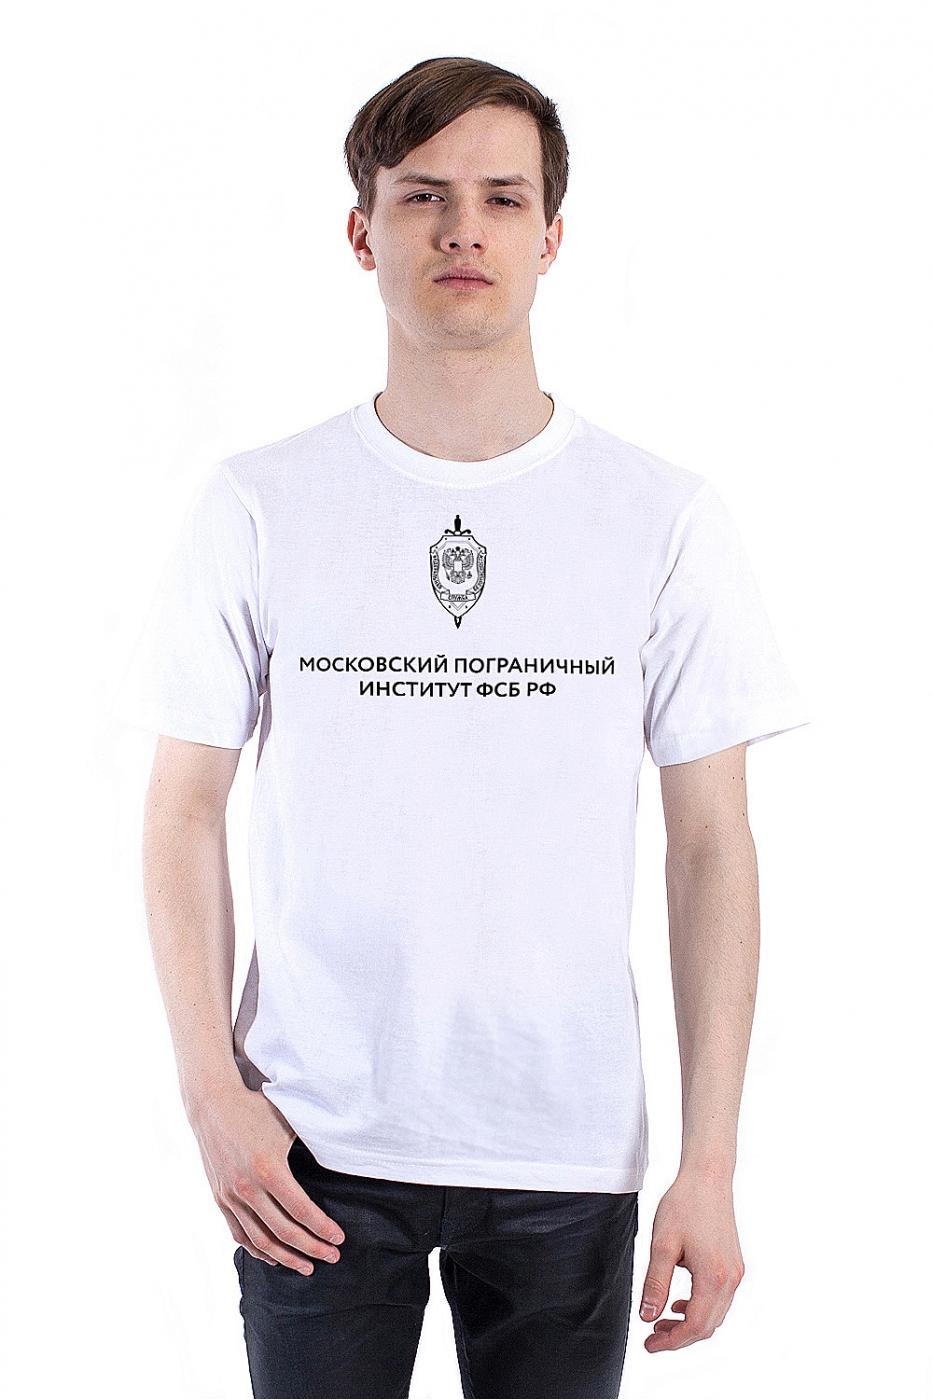 Футболка МПИ ФСБ №3